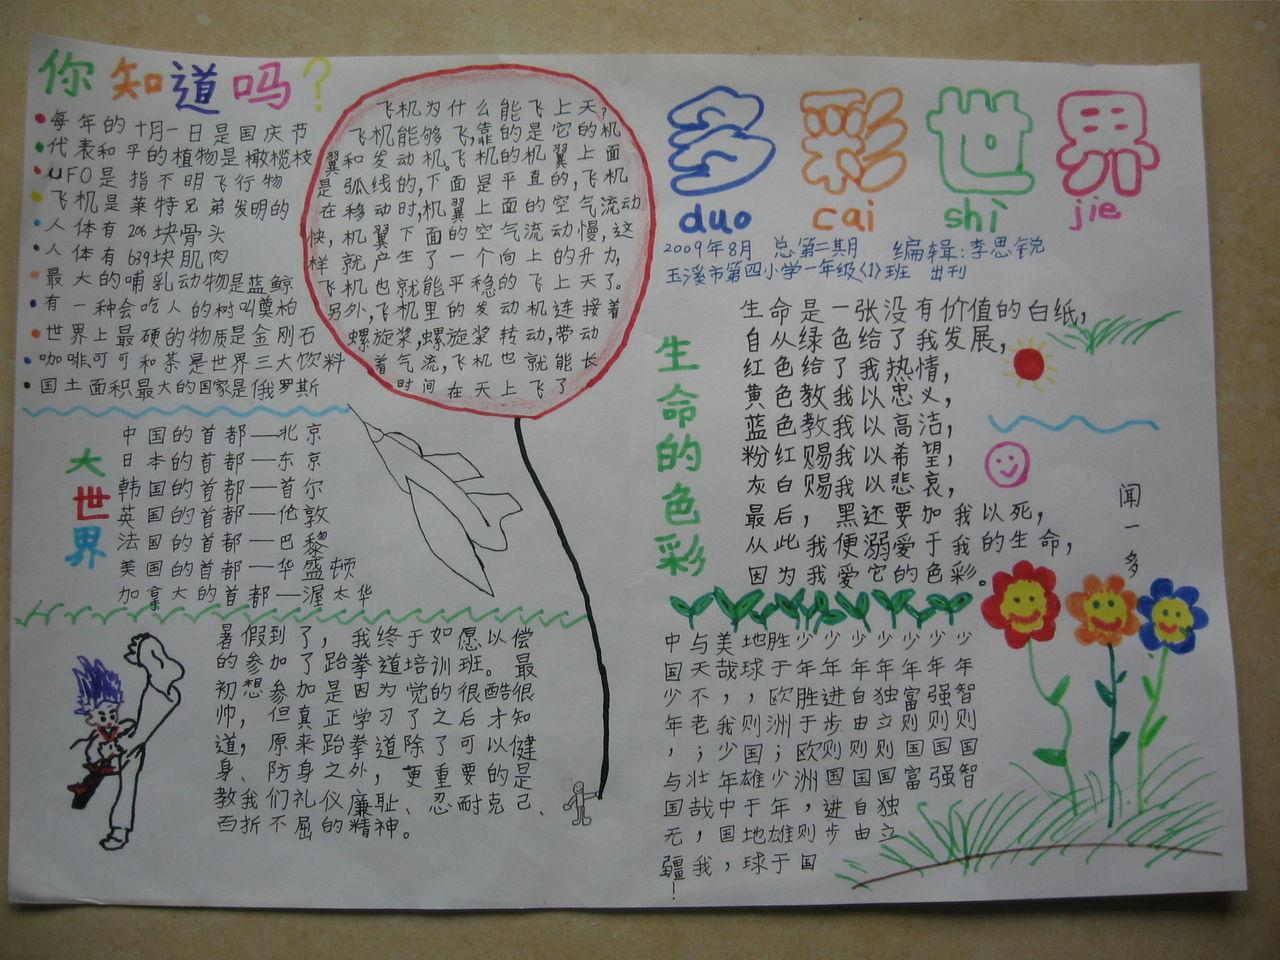 780 2008-03-29 艺术手抄报作品 36 2011-04-15 语言艺术手抄报 49